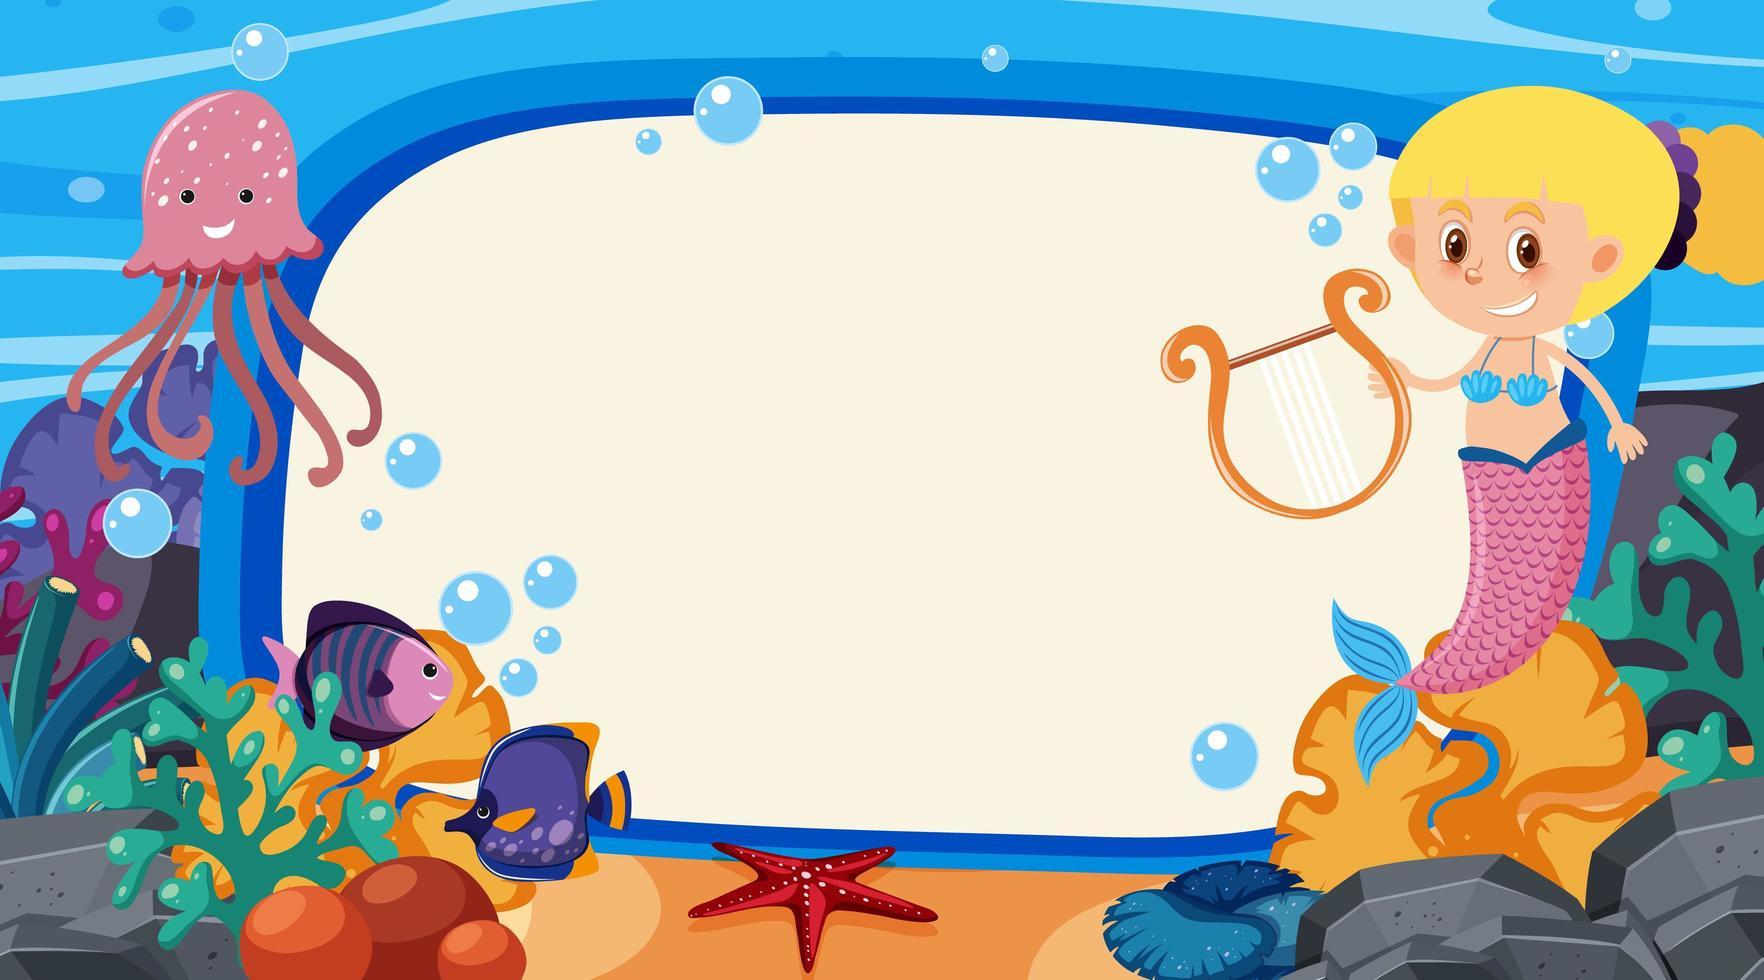 Diseño de plantilla de marco con criaturas marinas bajo el océano vector